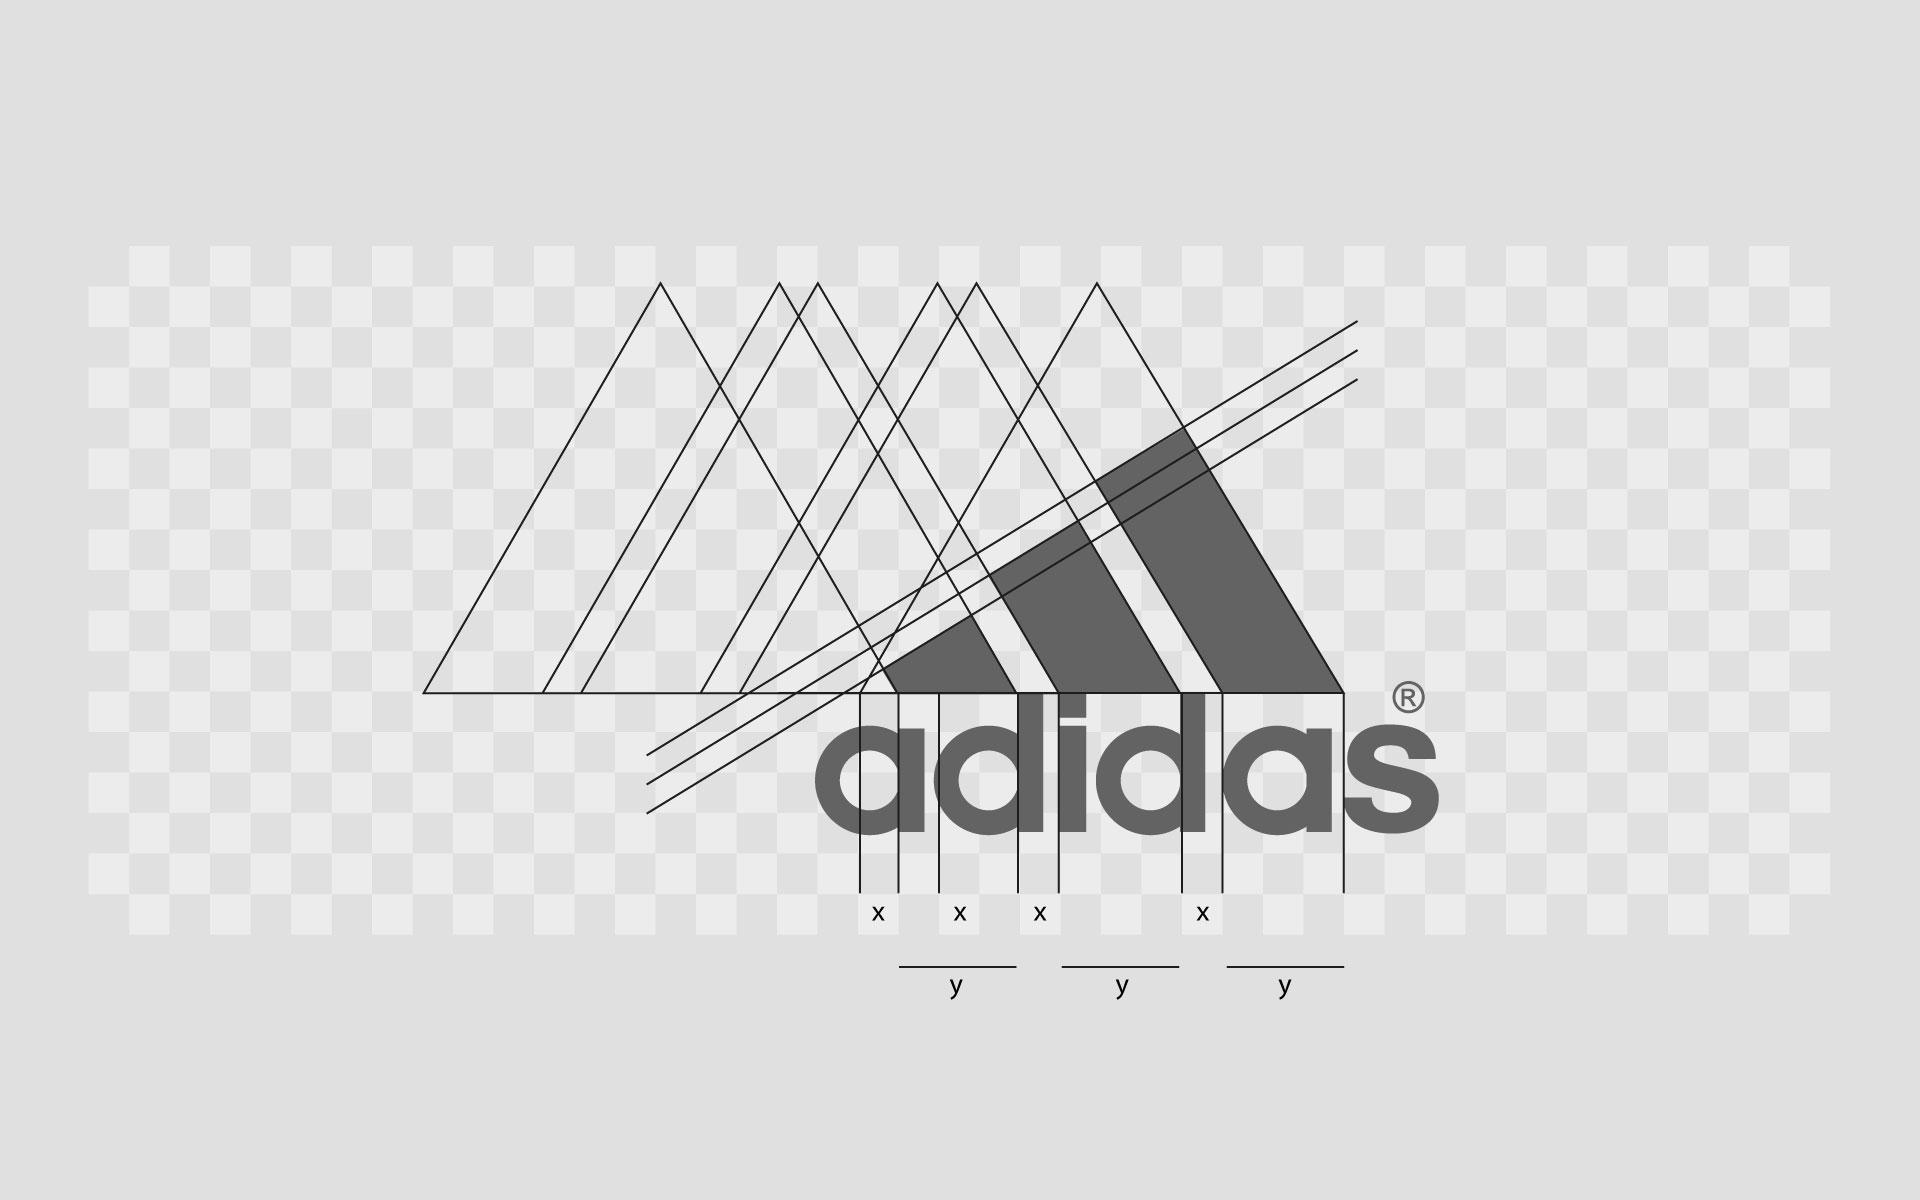 Projektowanie logo firmy - żelazne zasady dobrego logo. struktura logo adidas